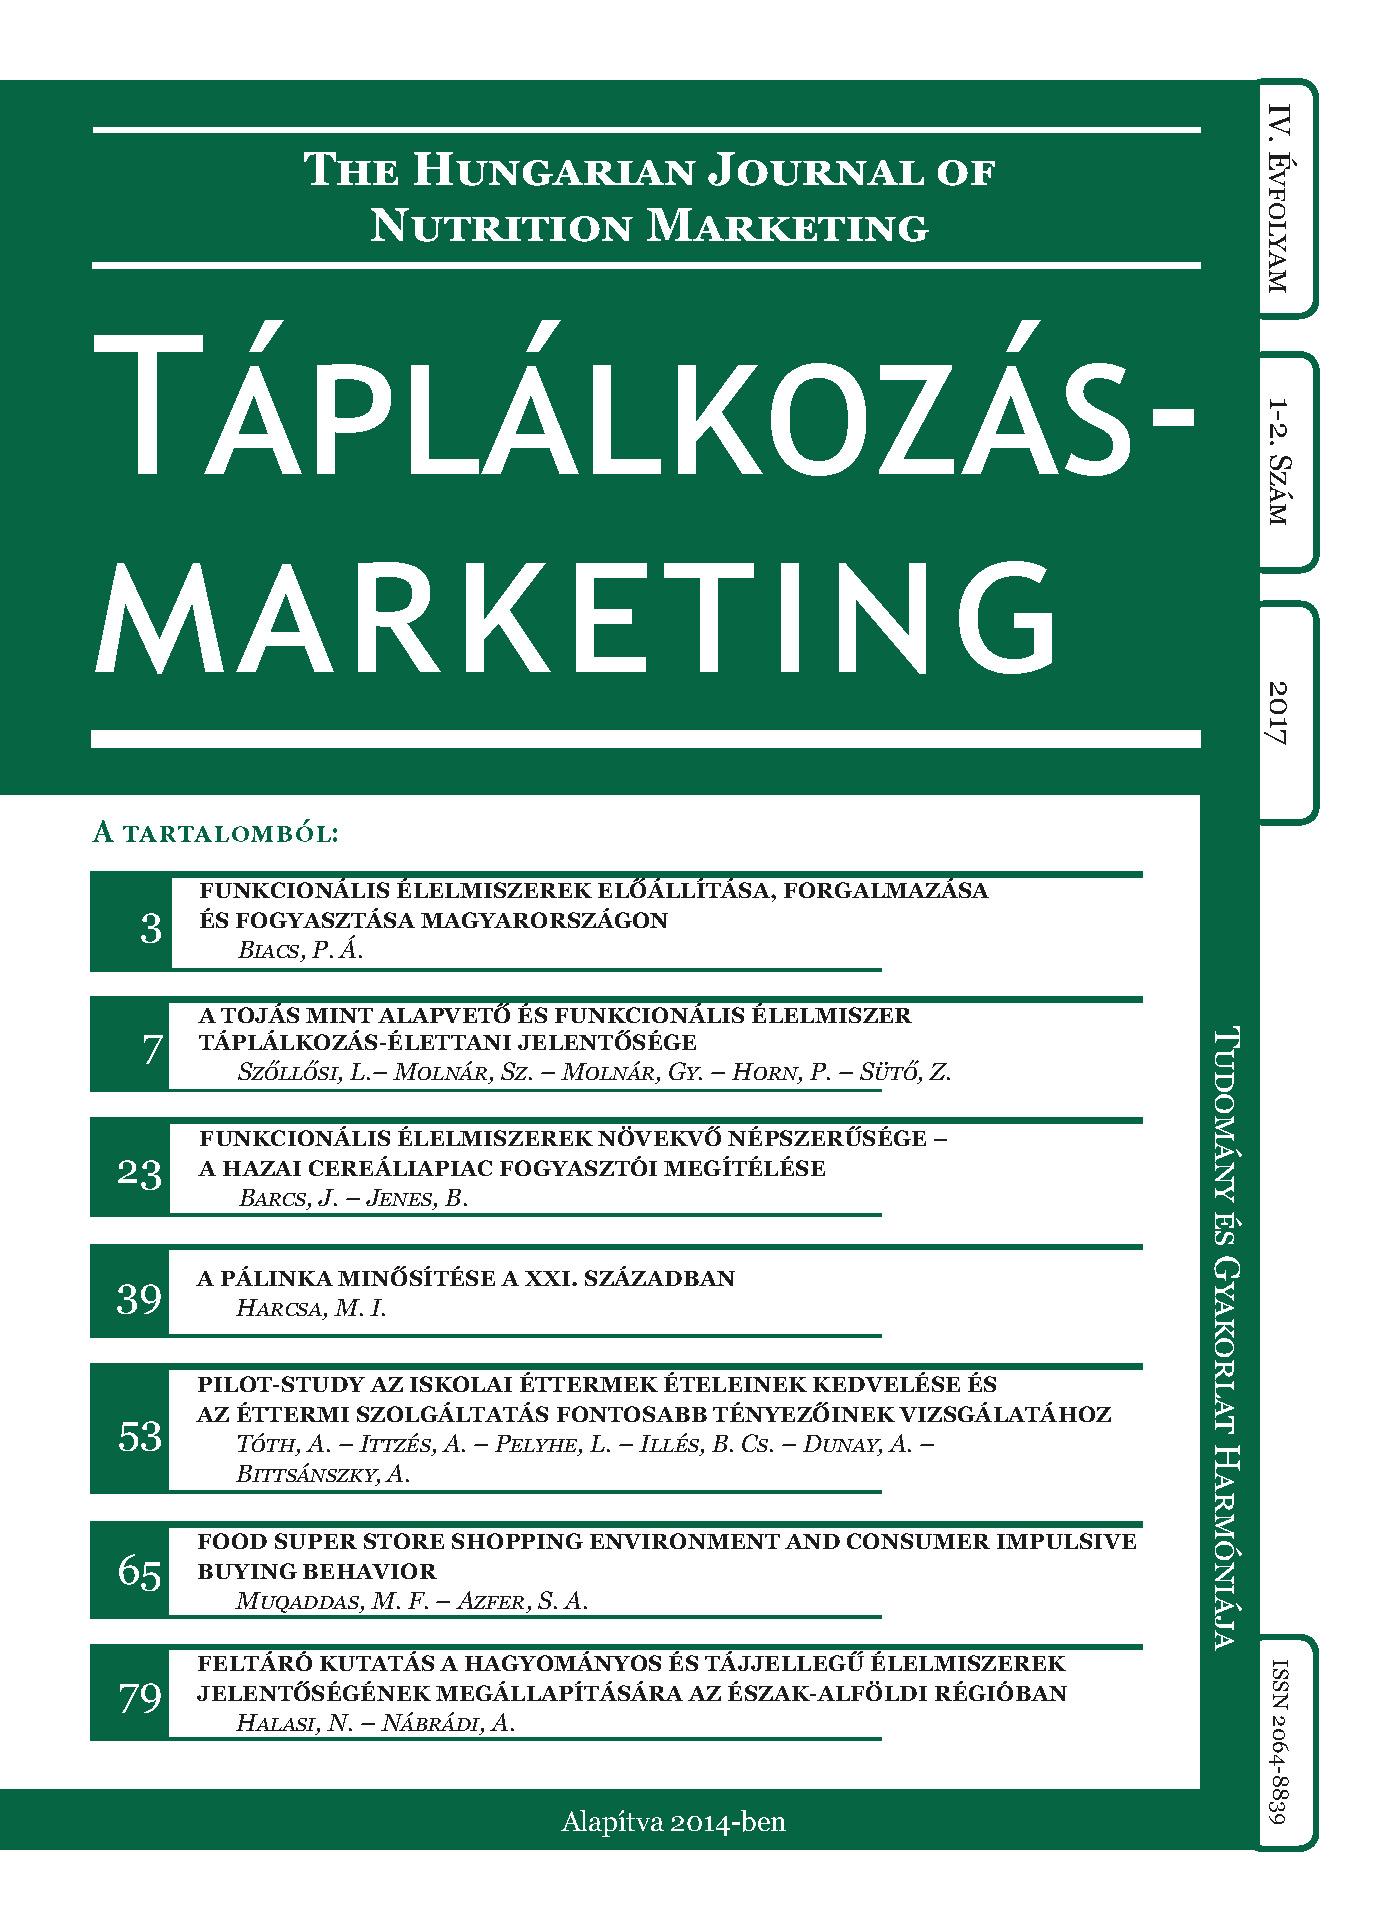 Táplálkozásmarketing_2017_1-2_cover